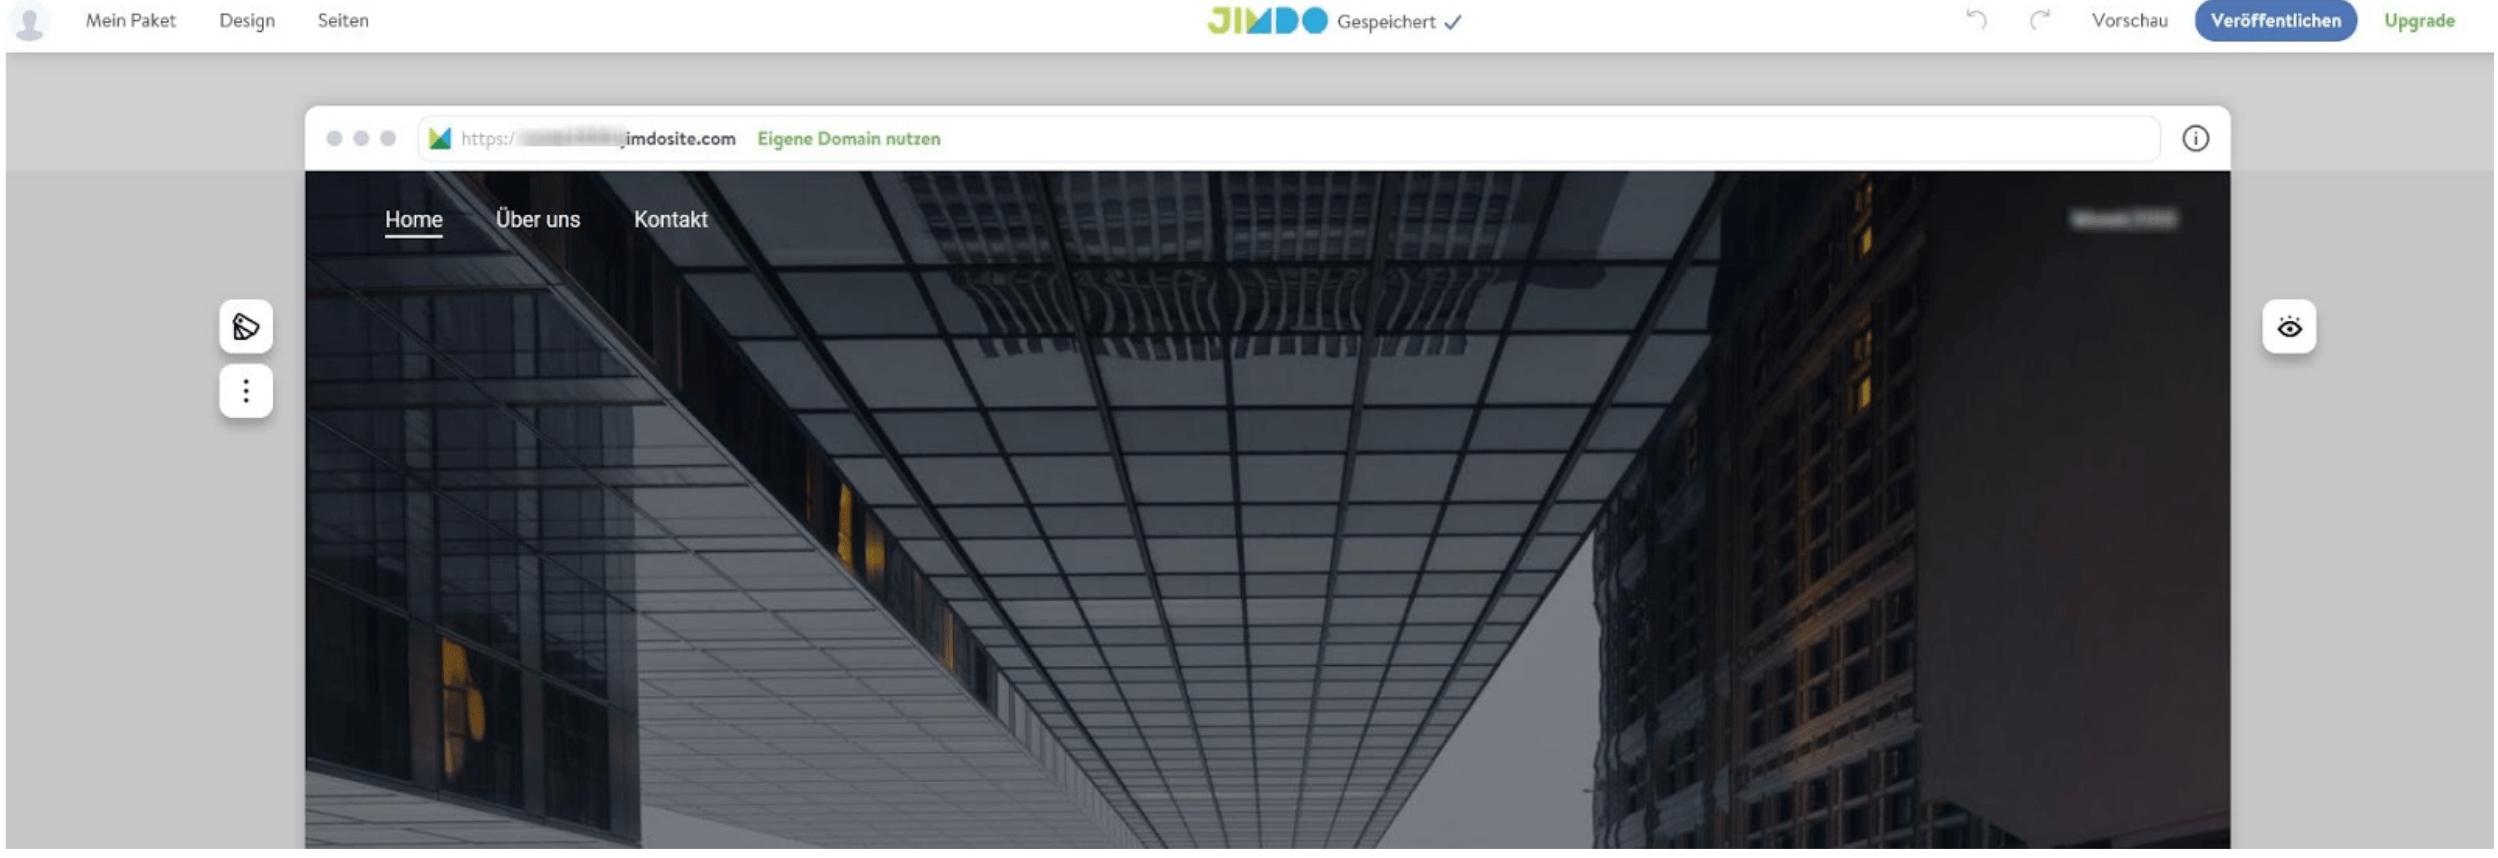 Kostenlose Homepage: Veröffentlichen